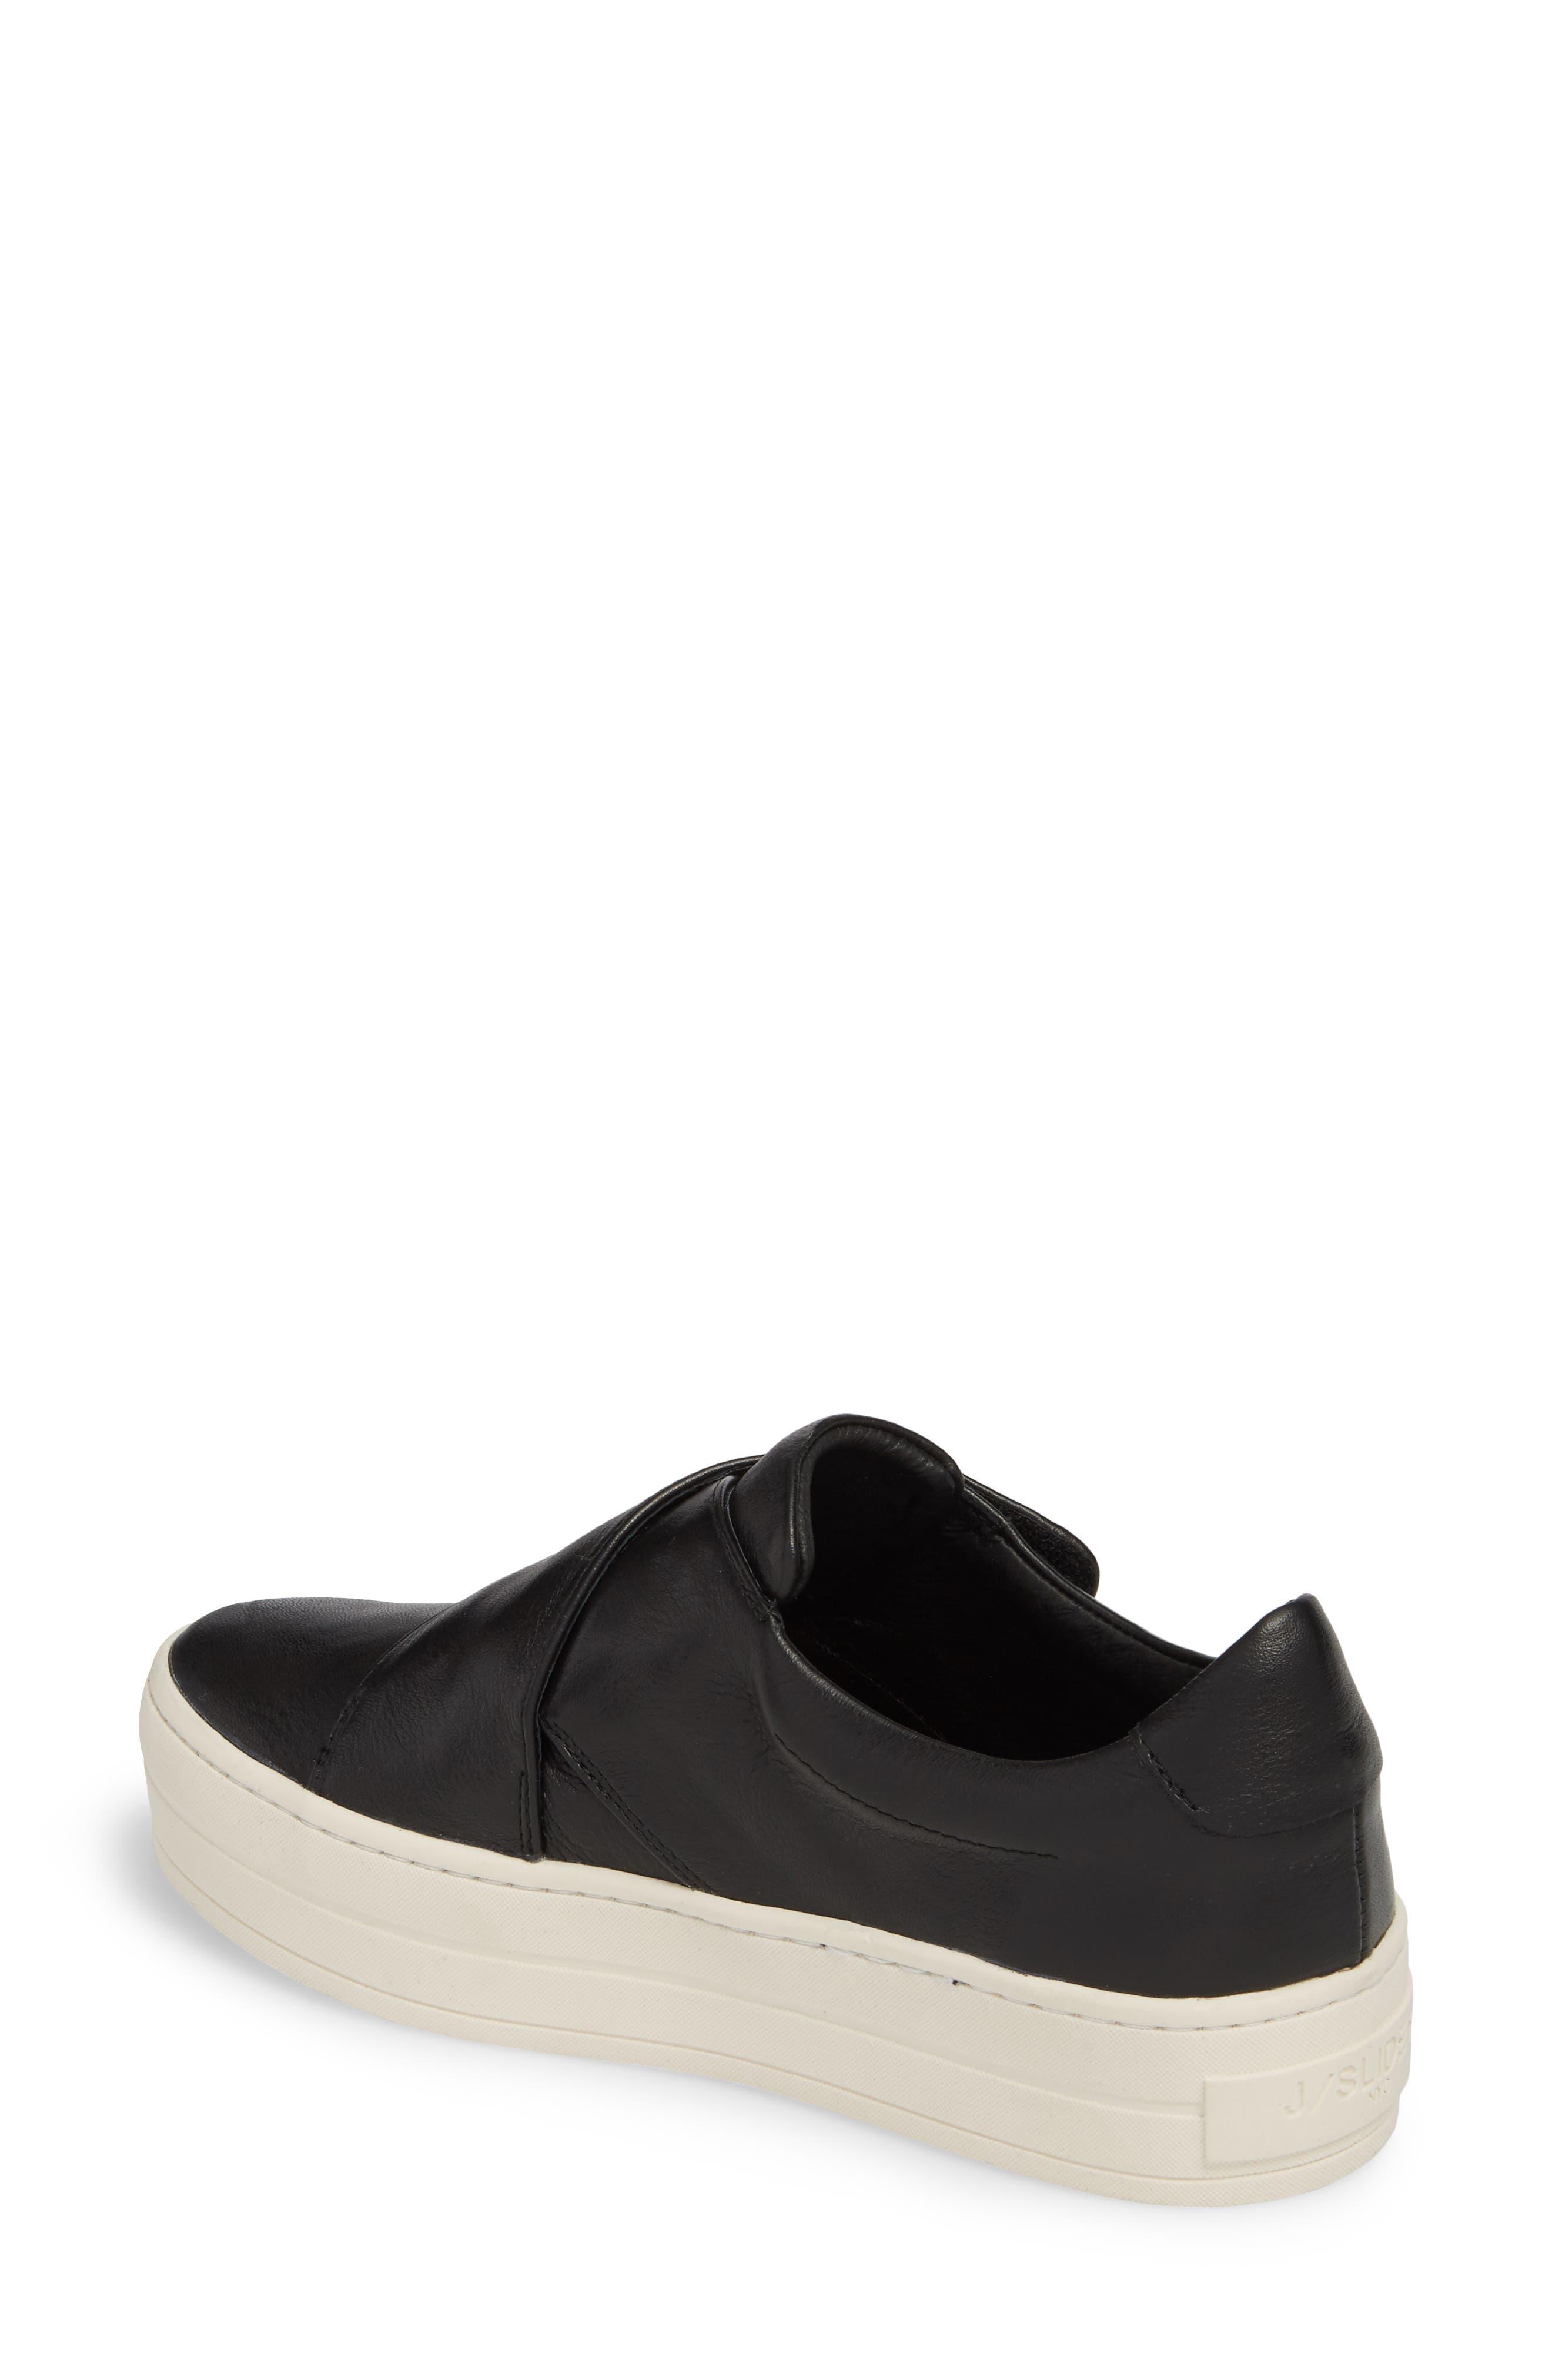 Harper Sneaker,                             Alternate thumbnail 2, color,                             Black Leather